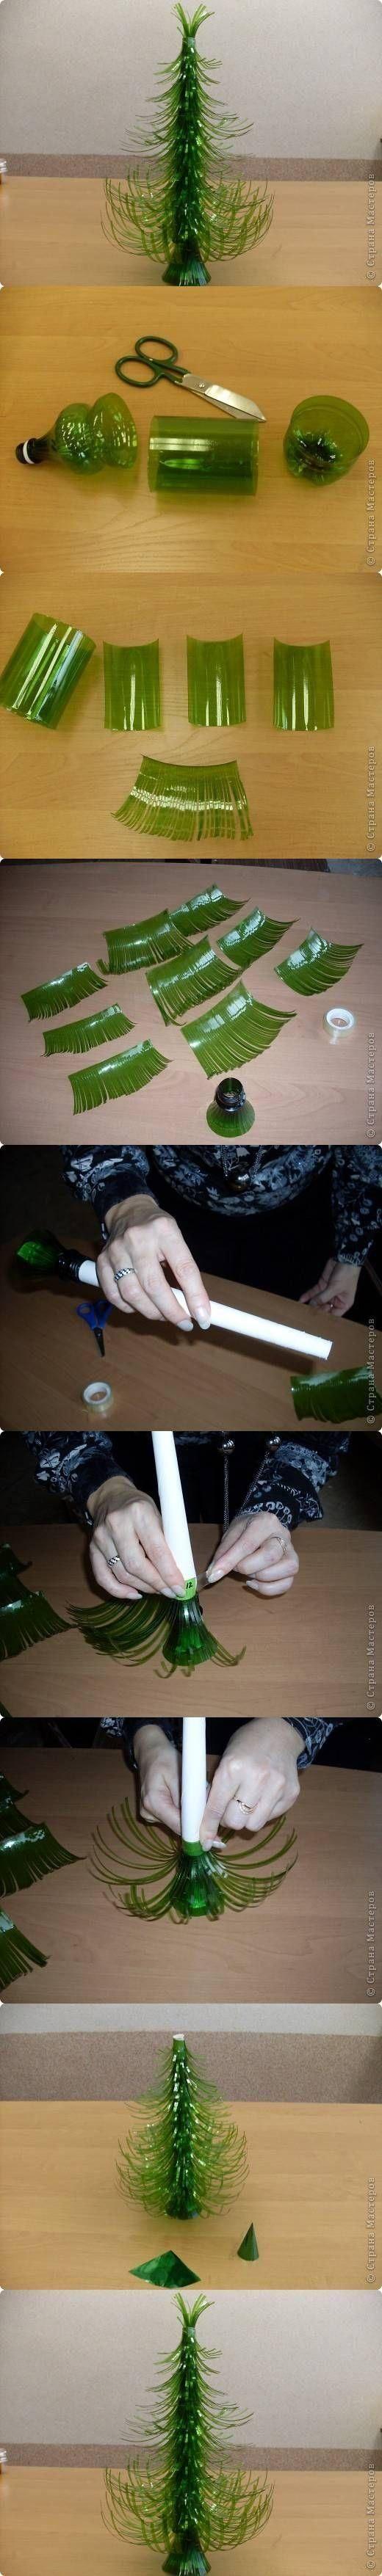 Como hacer árbol de navidad con botellas de plástico de sprite - Manualidades Gratis